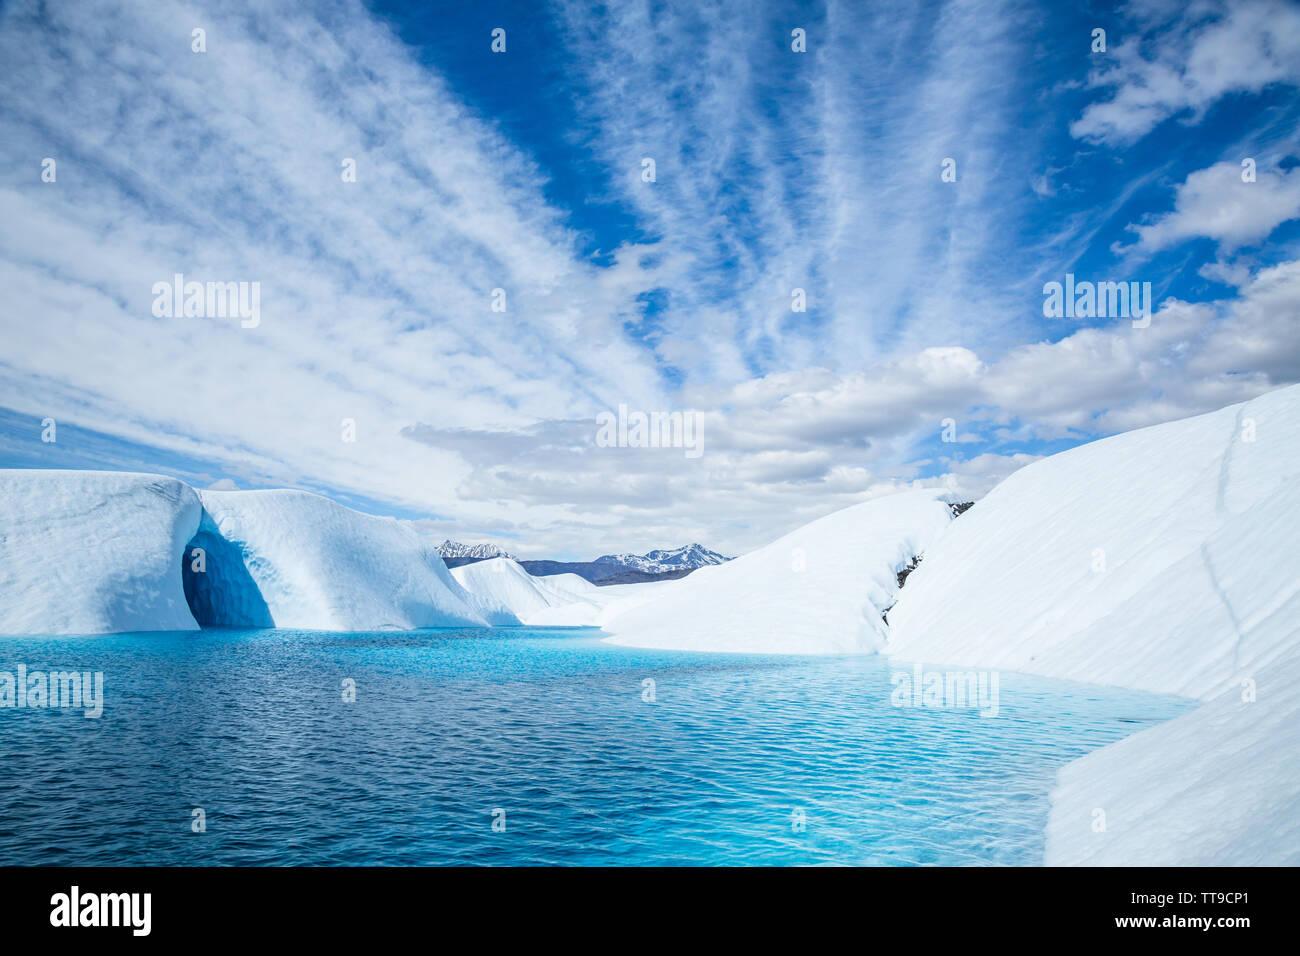 Cueva de hielo inundado por el azul profundo del Glaciar Matanuska pool en el glaciar, Alaska. El lago lleno en la cueva de hielo como el agua procedente de la fusión glaciar flo Foto de stock